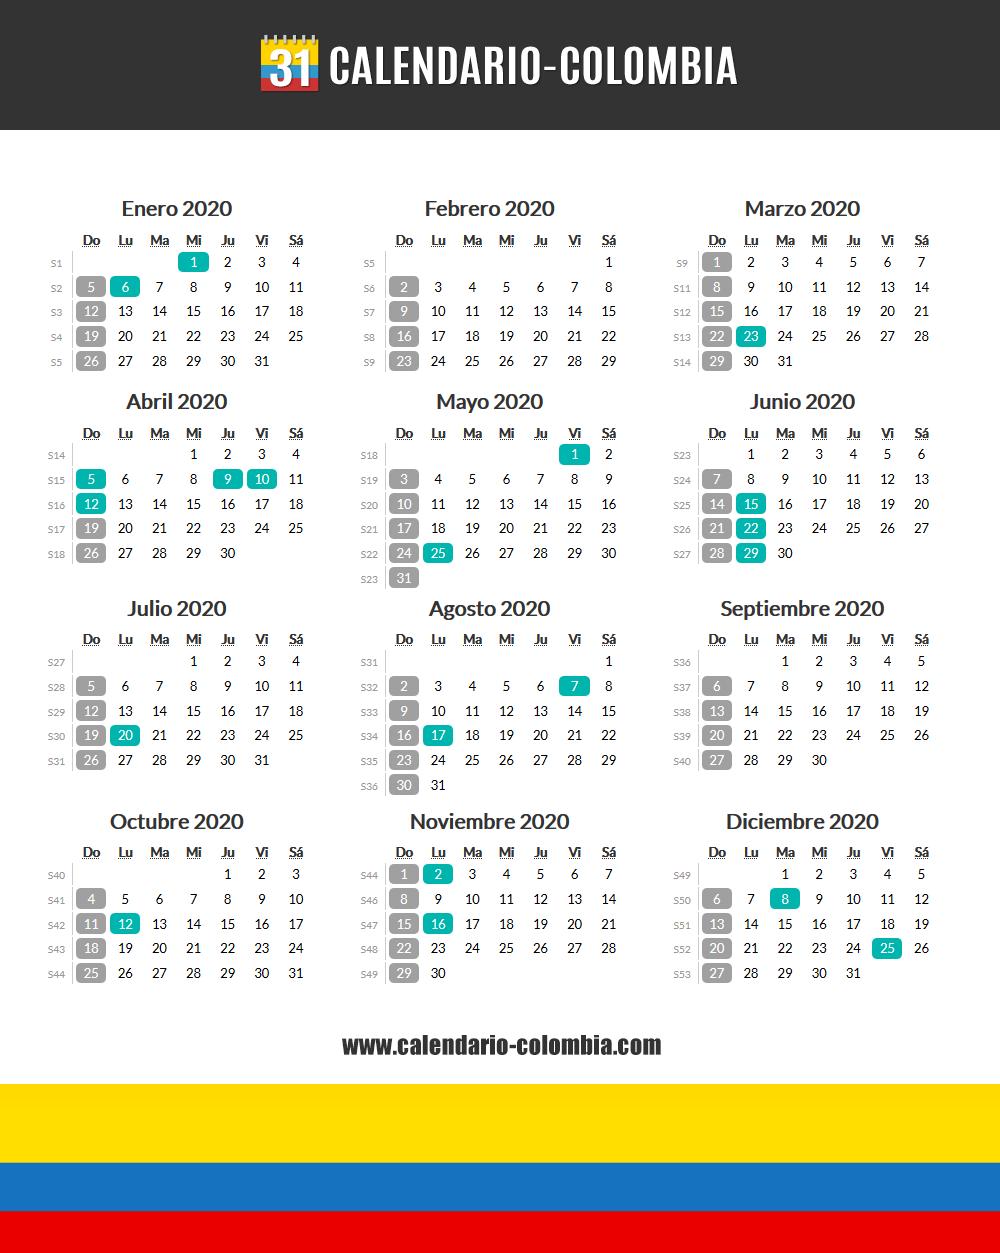 Calendario 2020 Colombia Calendario 2020 Colombia Calendario Tipos De Letras Abecedario Calendario Con Festivos